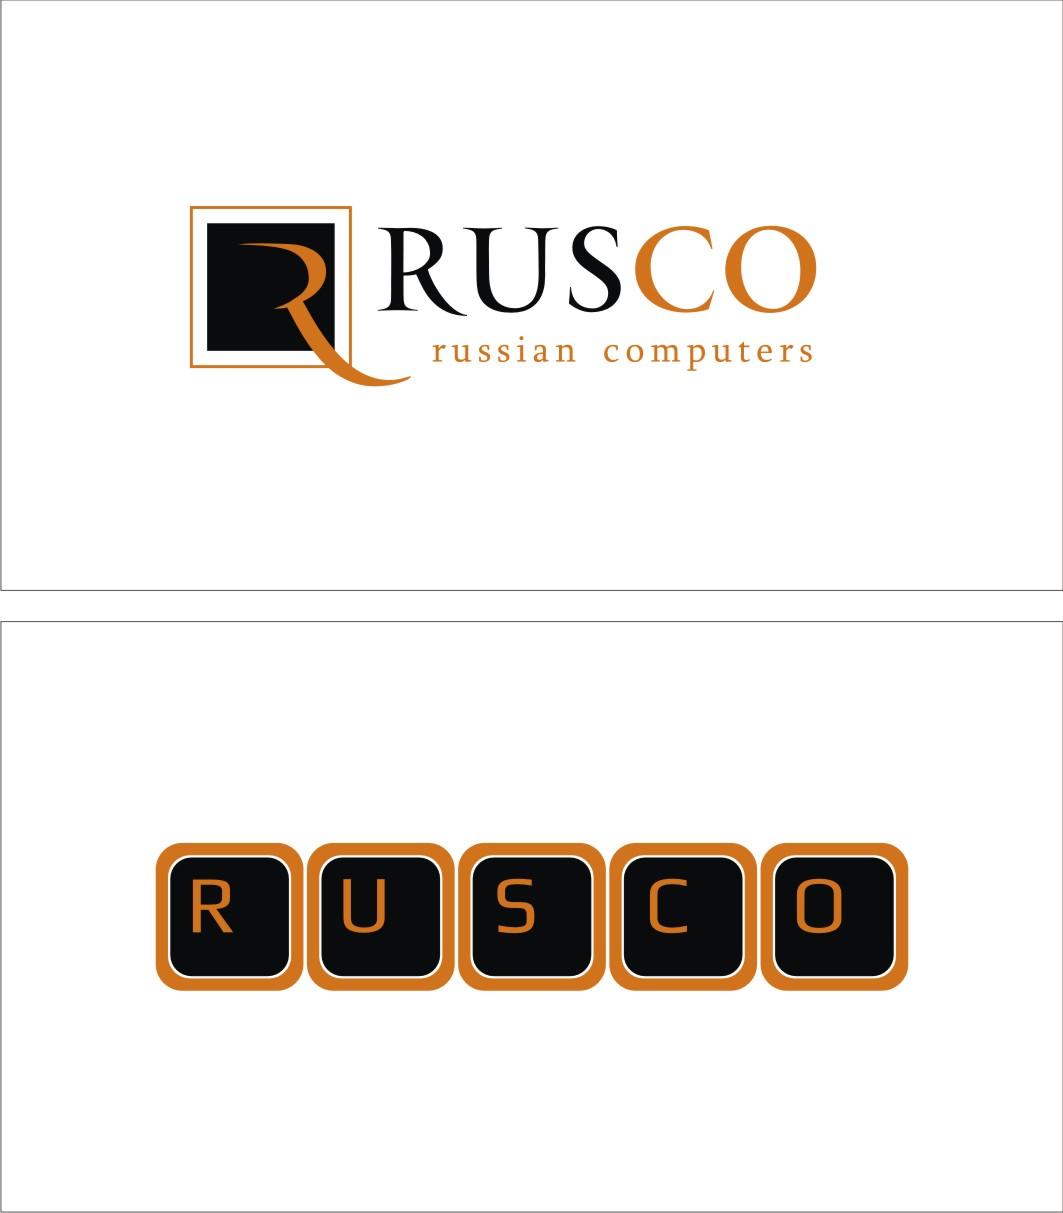 RUSCO фото f_410548024689a4ee.jpg